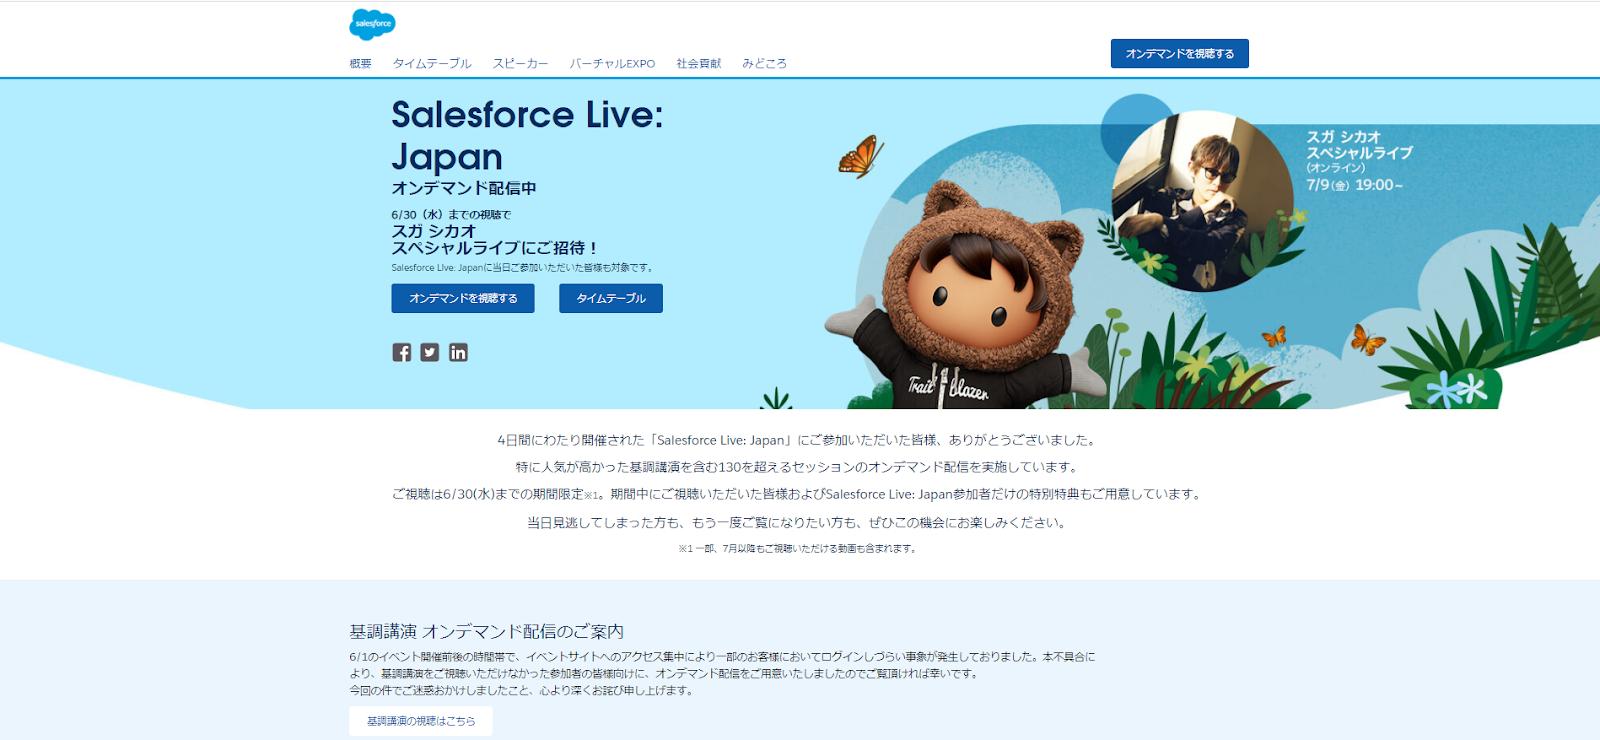 セールスフォースのウェブサイト